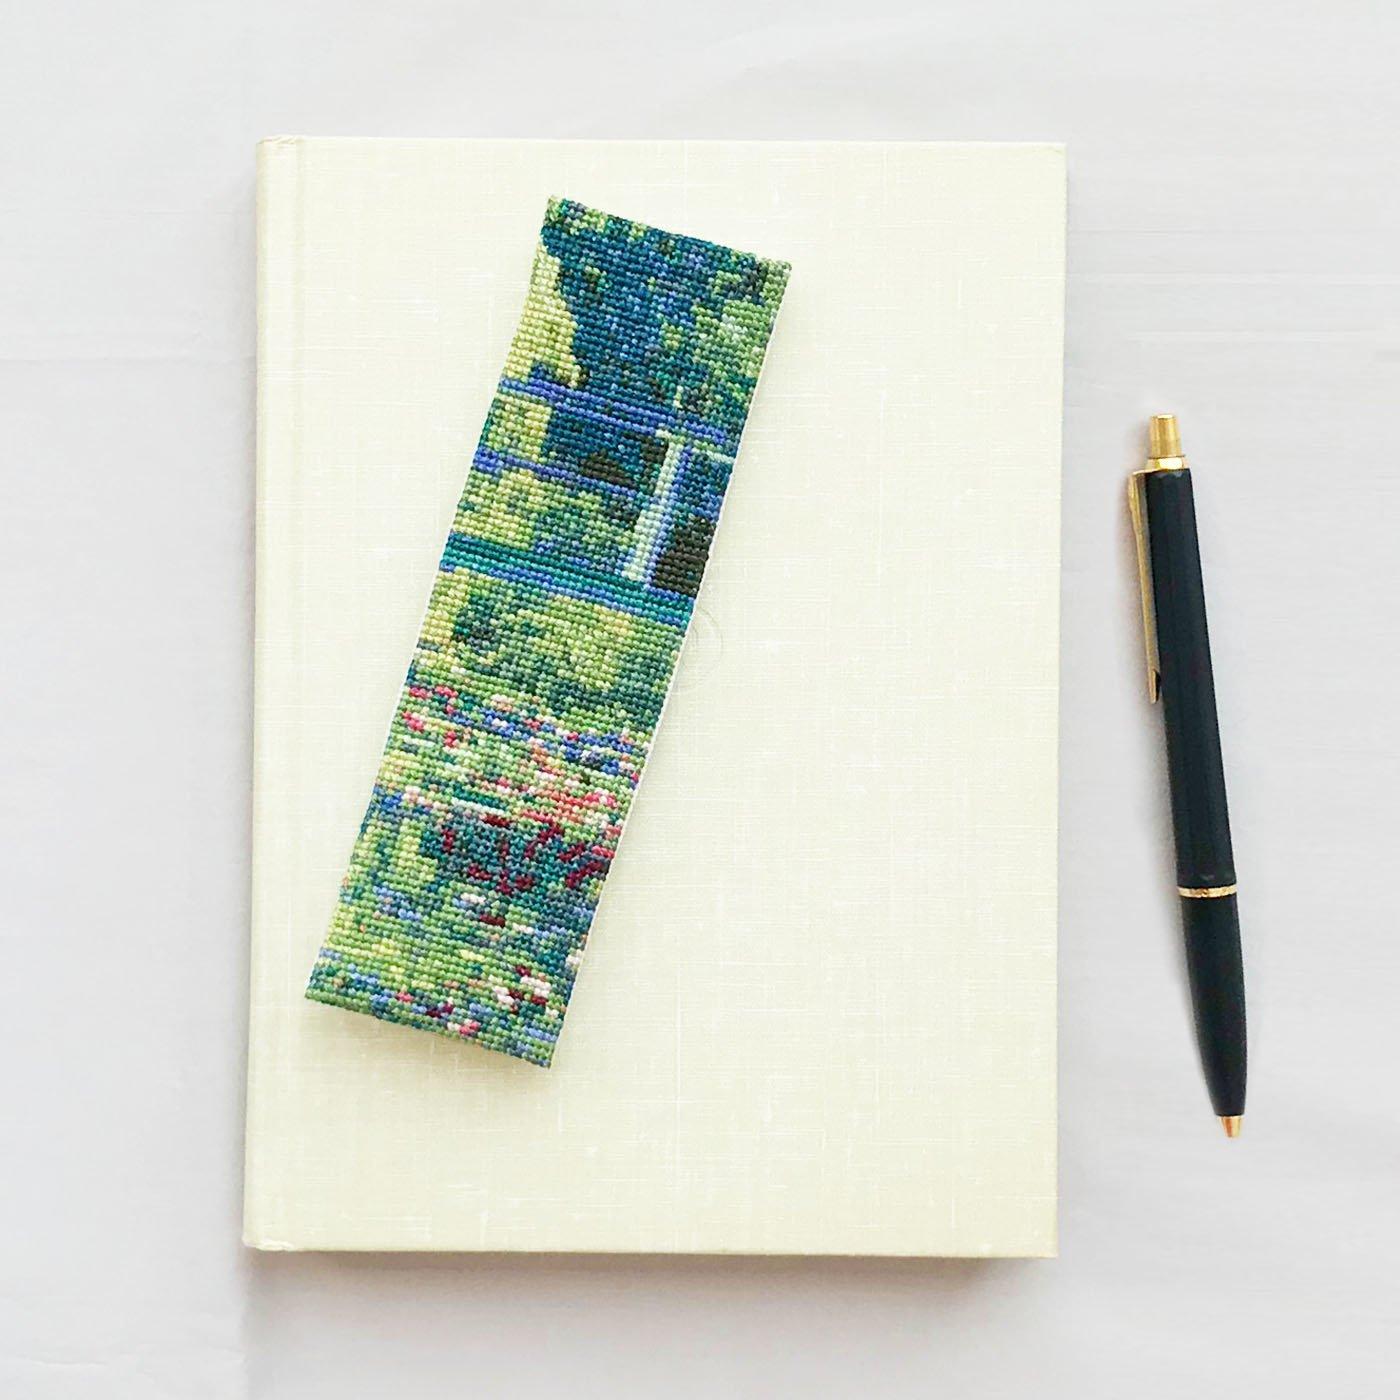 美しさに魅せられて クロード・モネ「睡蓮の池」(小)クロスステッチキット